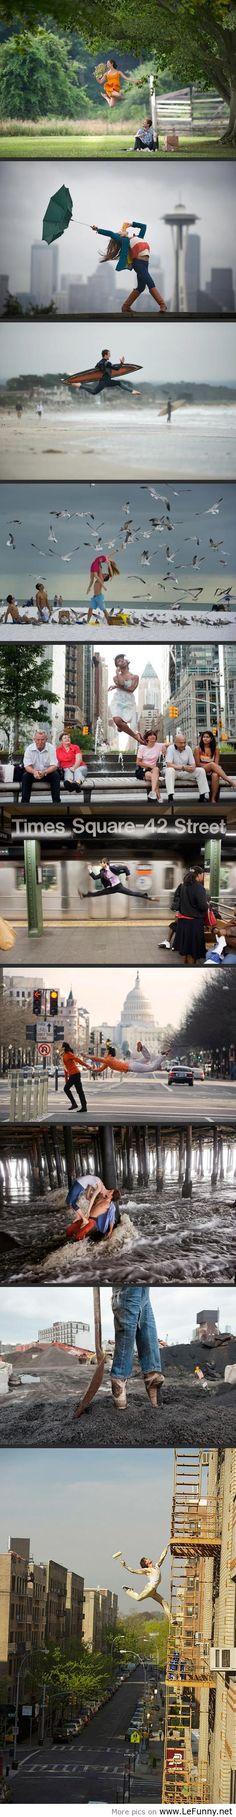 Dancers Among Us LeFunny.net